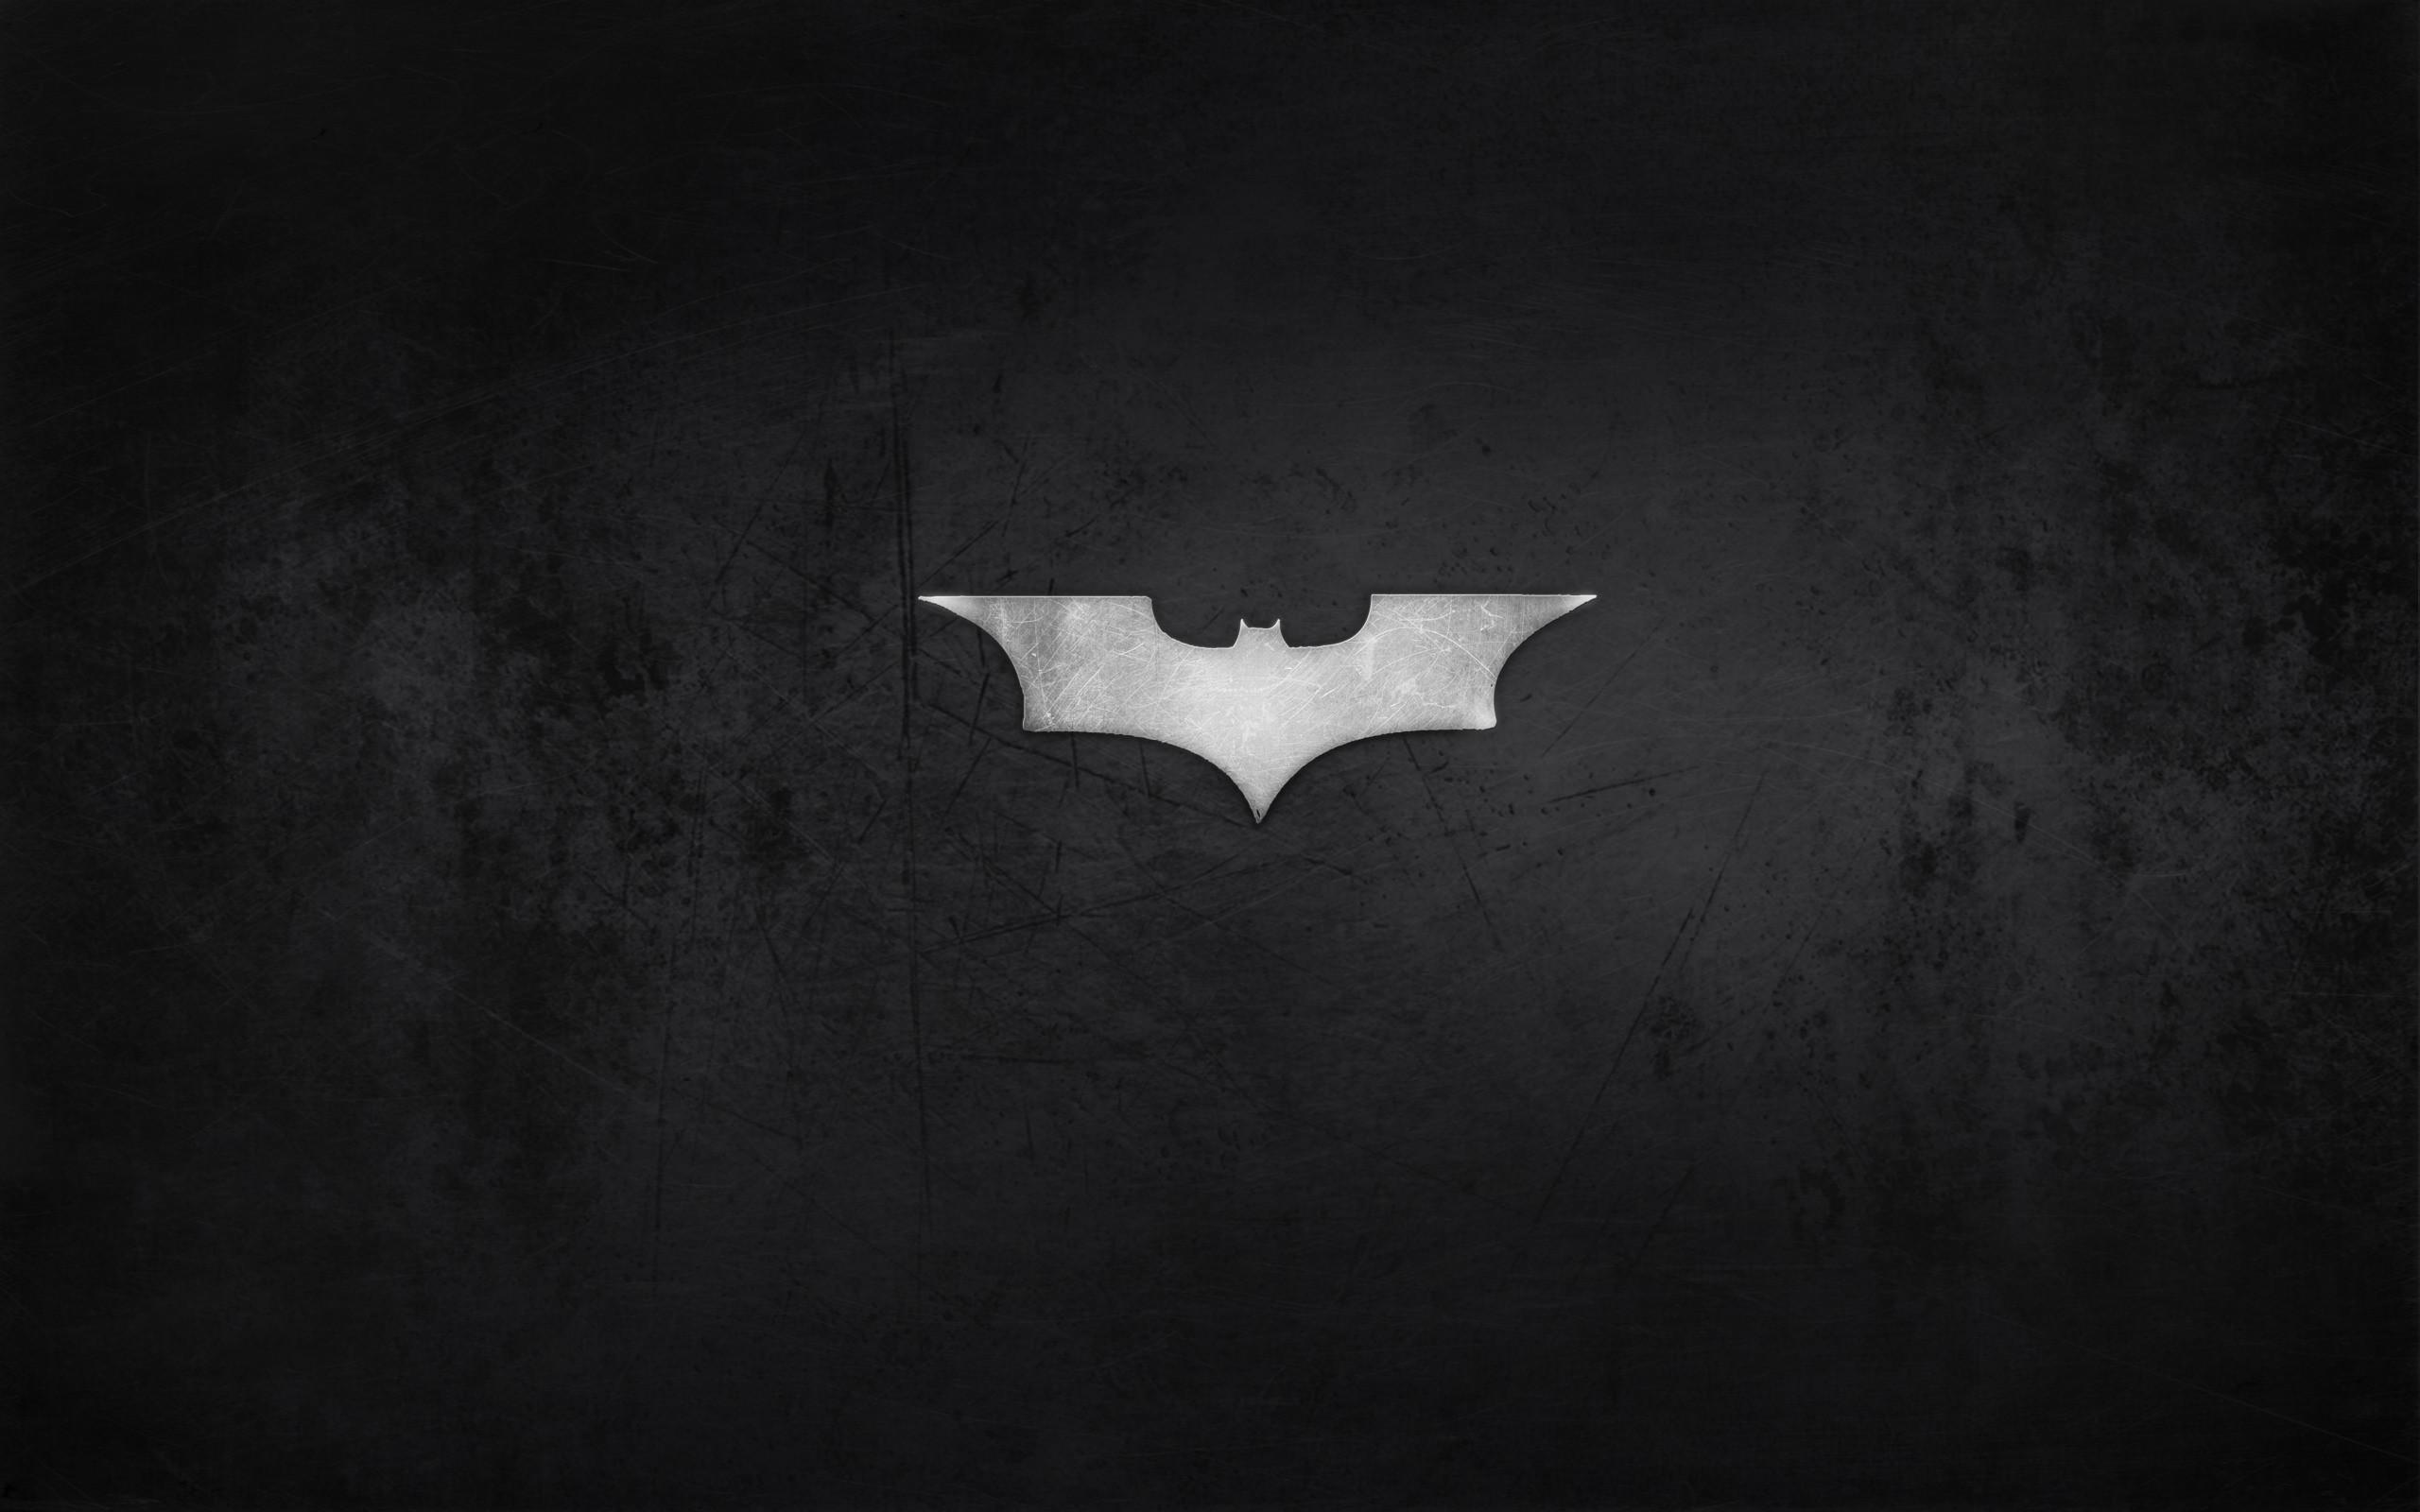 デスクトップ壁紙 バットマンのロゴ 闇 翼 コンピュータの